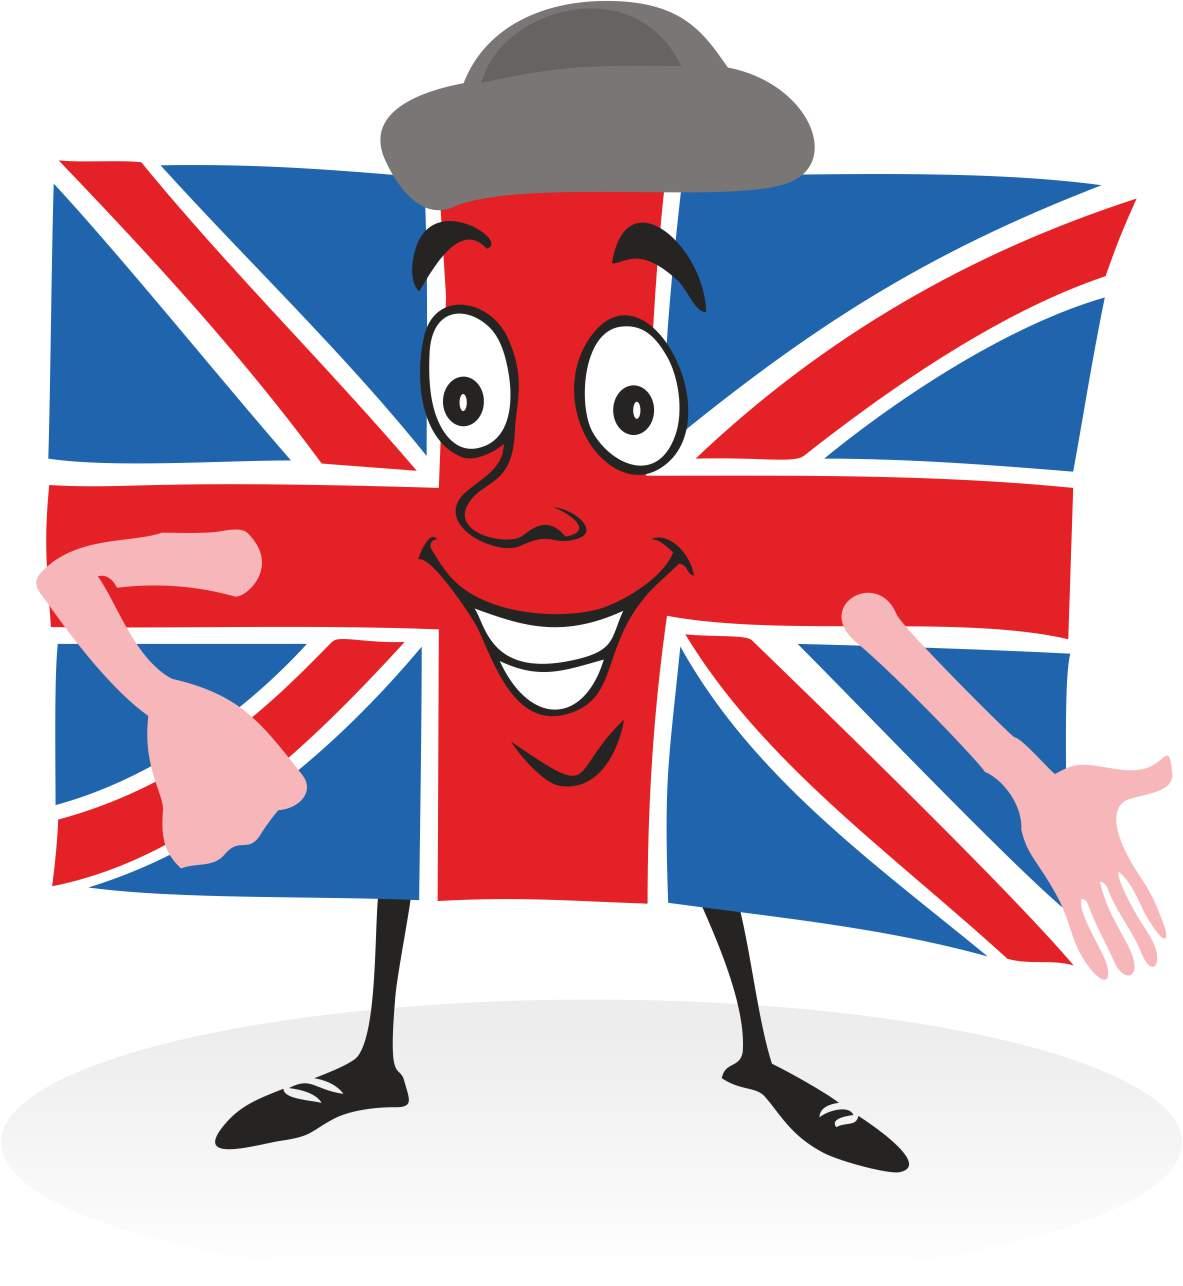 Union Jack Flag Clipart.